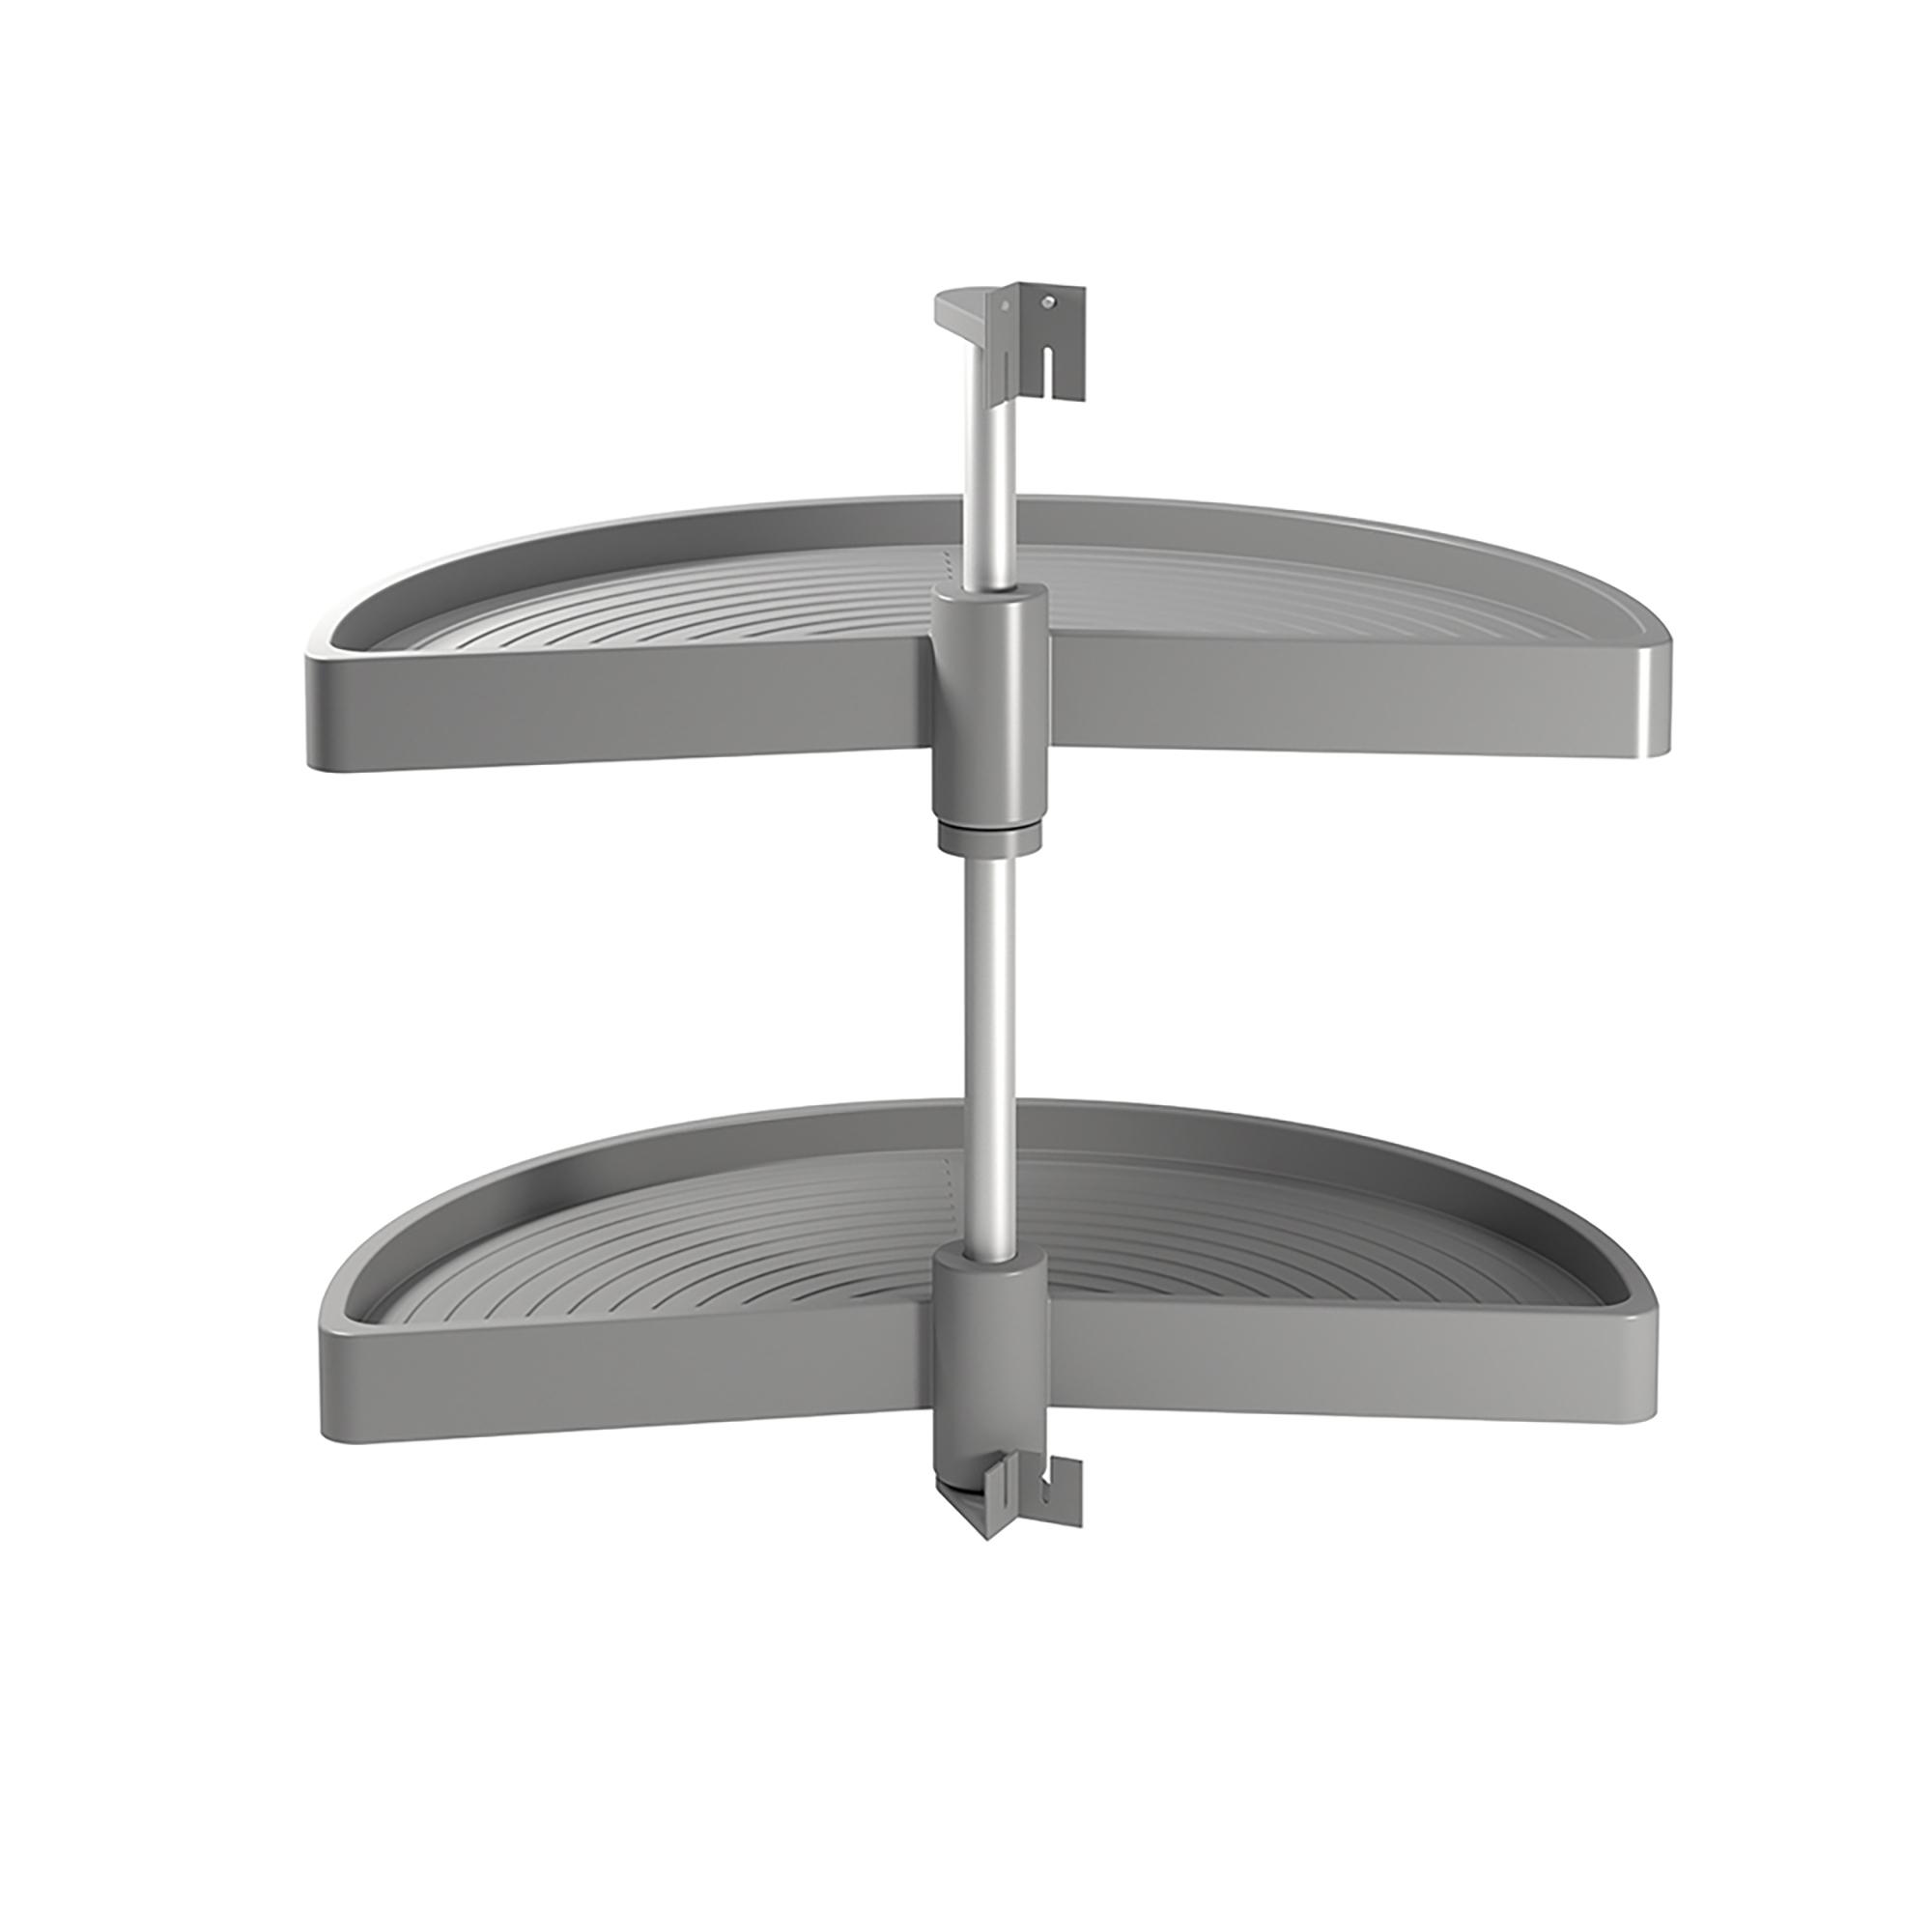 Emuca Cestello girevole per mobile da cucina, 180º, modulo 900 mm, Plastica, Grigio